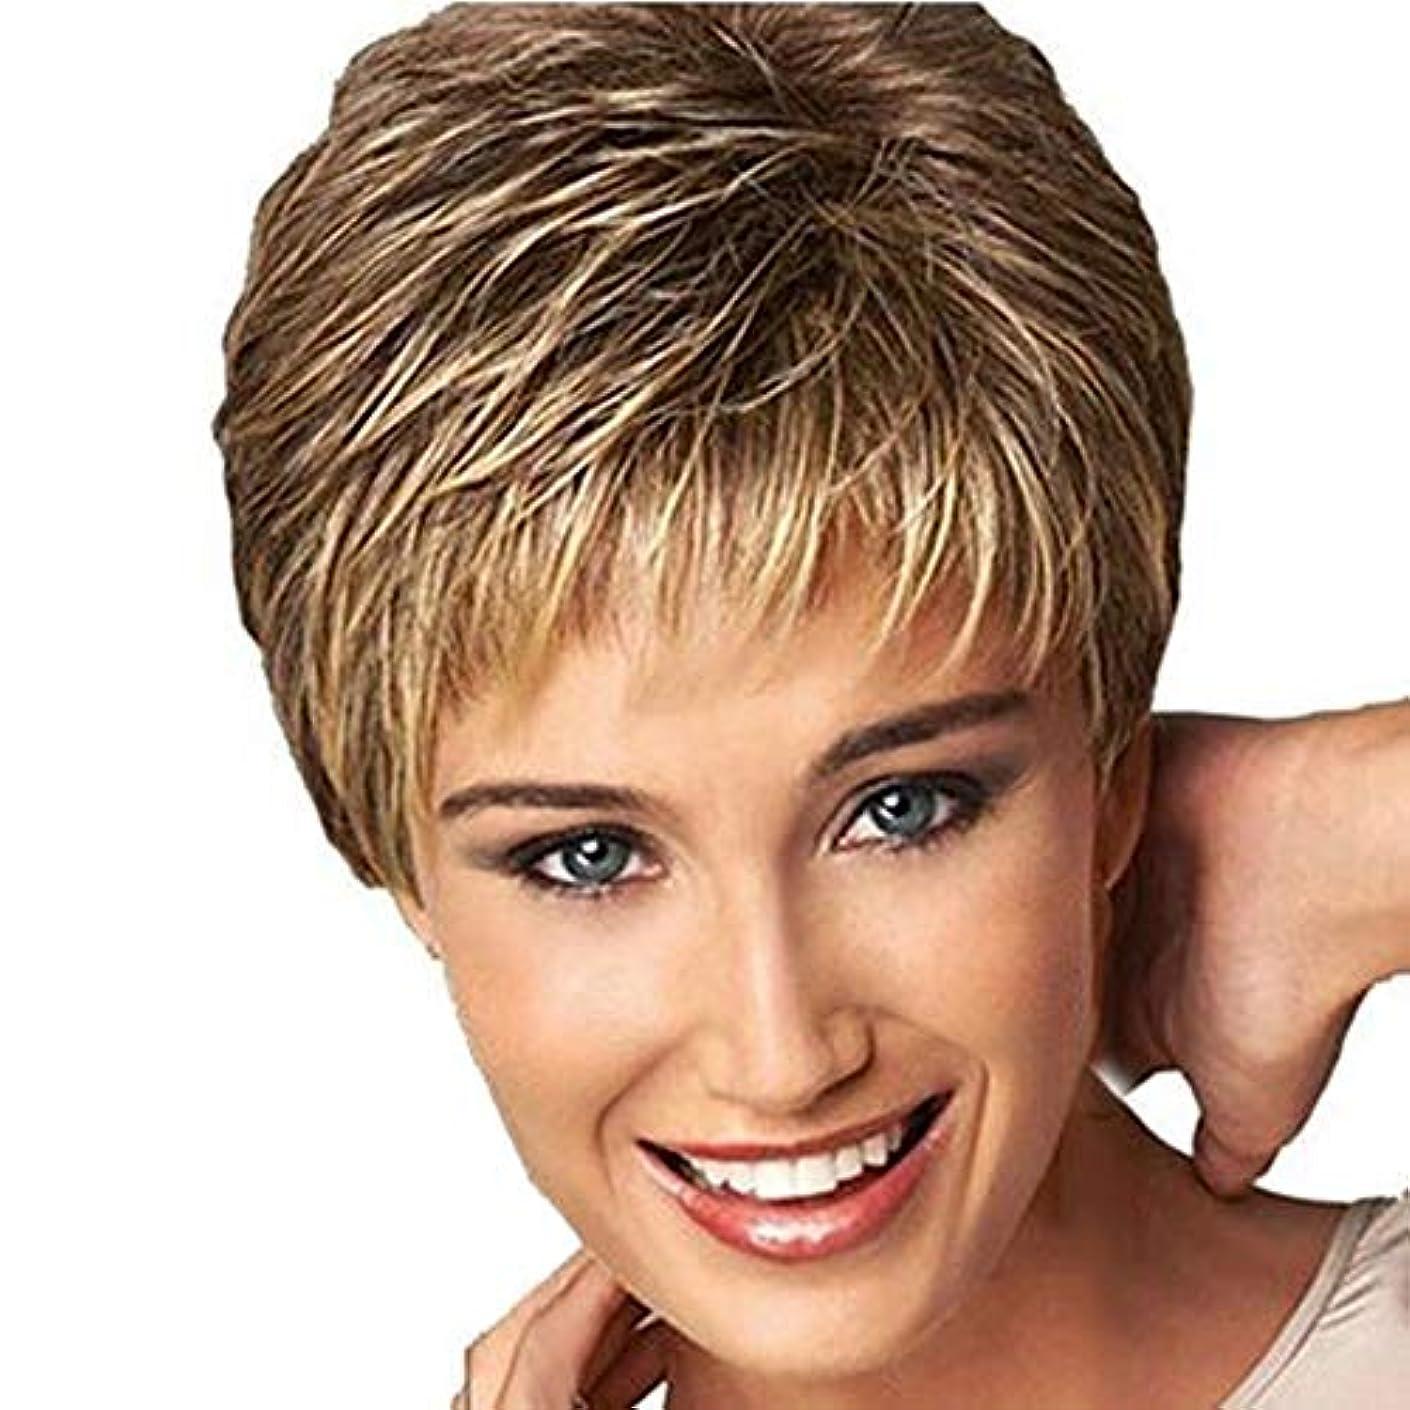 コーナー不適切なギャロップWTYD 美容ヘアツール 3ピースヘアケアかつらスタンド耐熱繊維かつら短い散髪カーリーカラーグラデーションかつらファッション